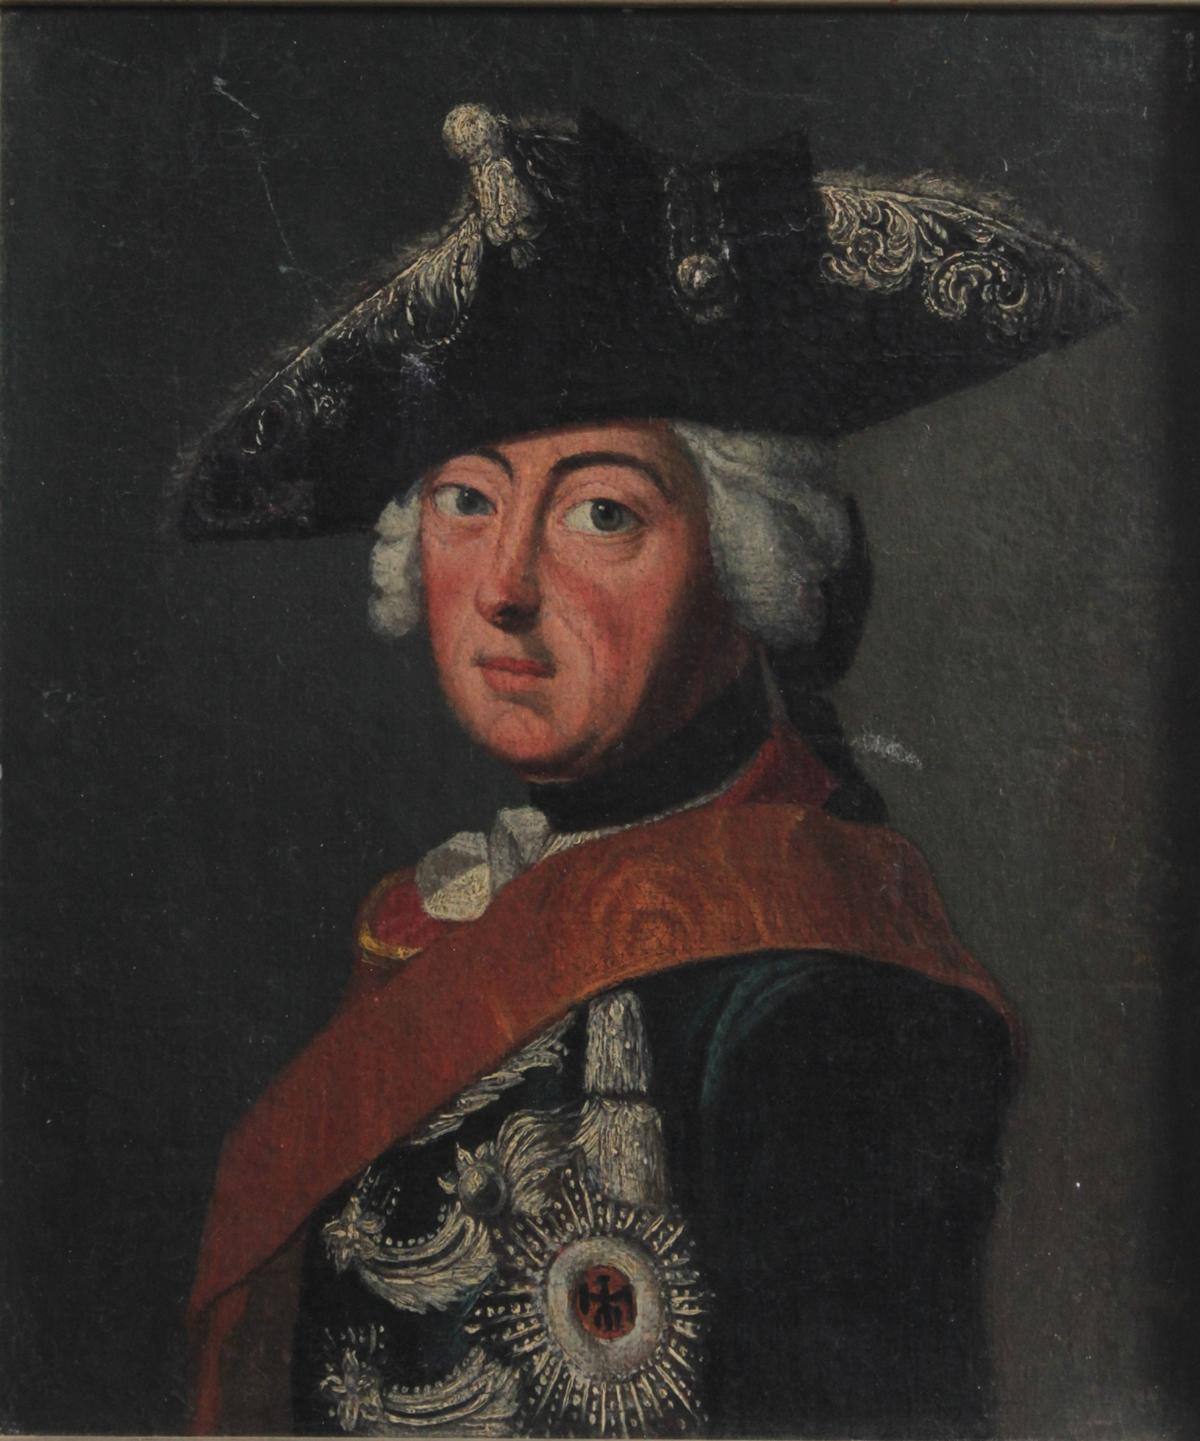 Maler des 18. Jahrhunderts, 'Friedrich der Große-2